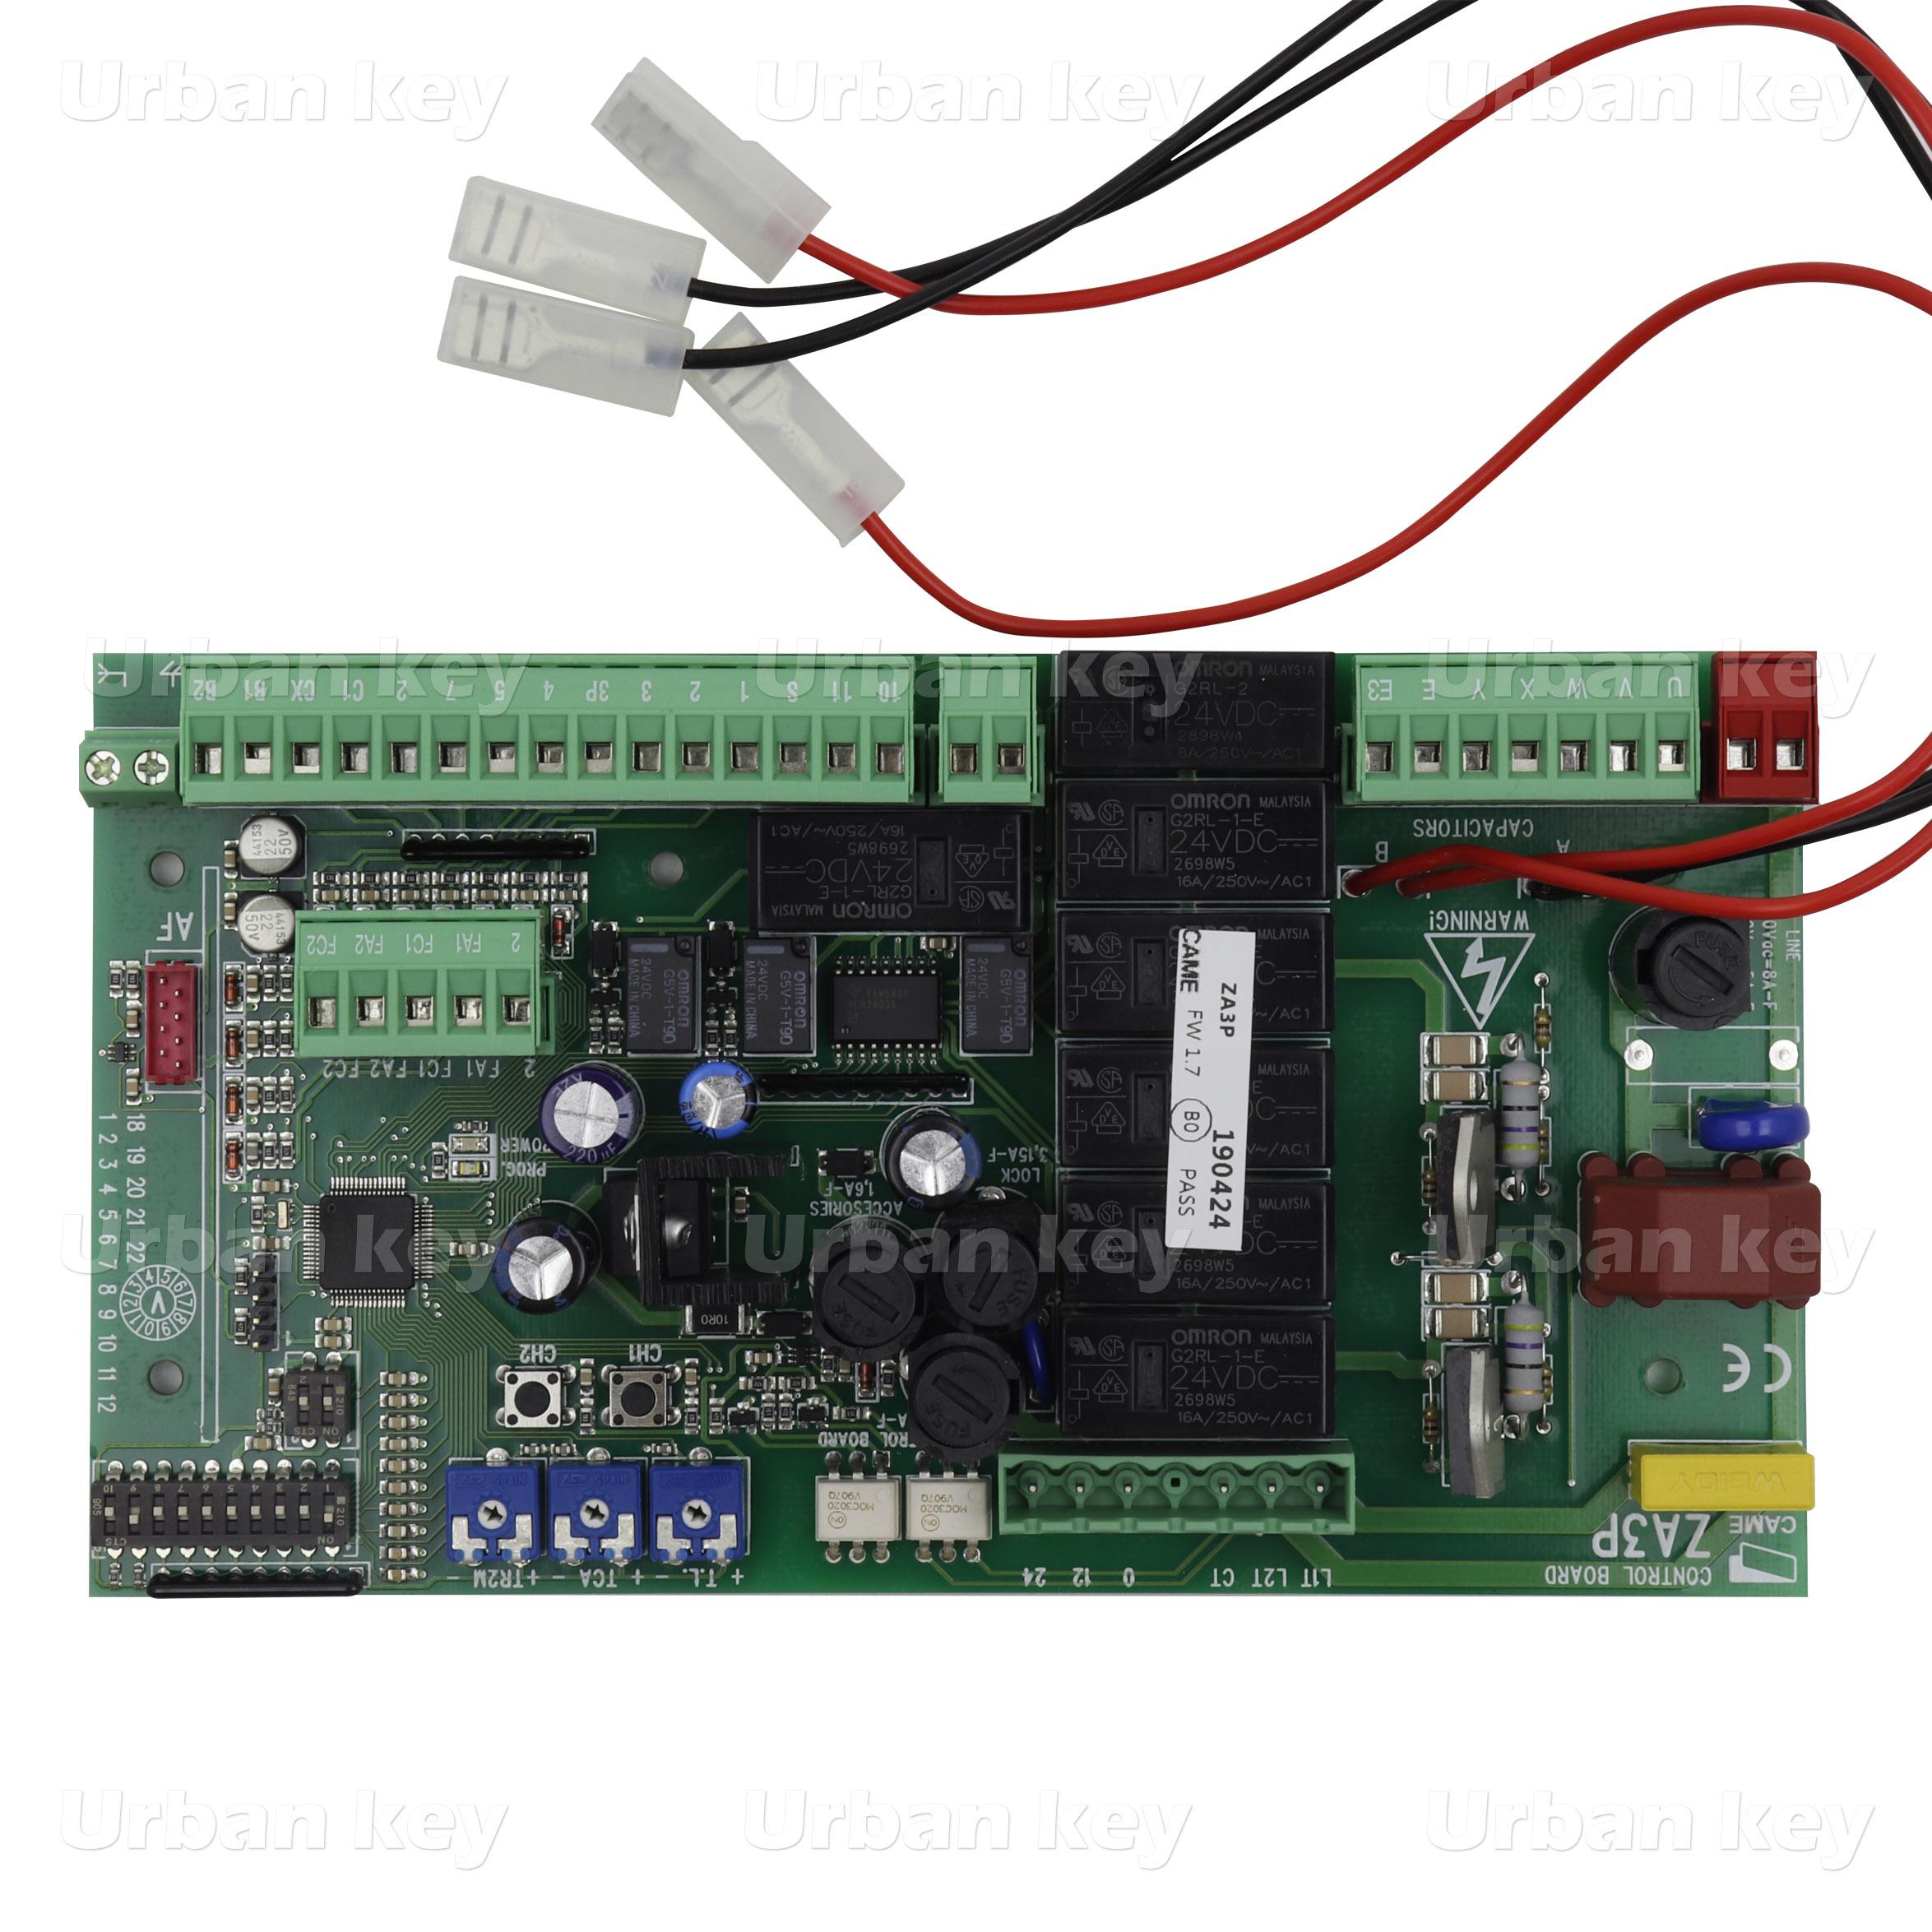 CENTRAL CAME ZA3P 230V